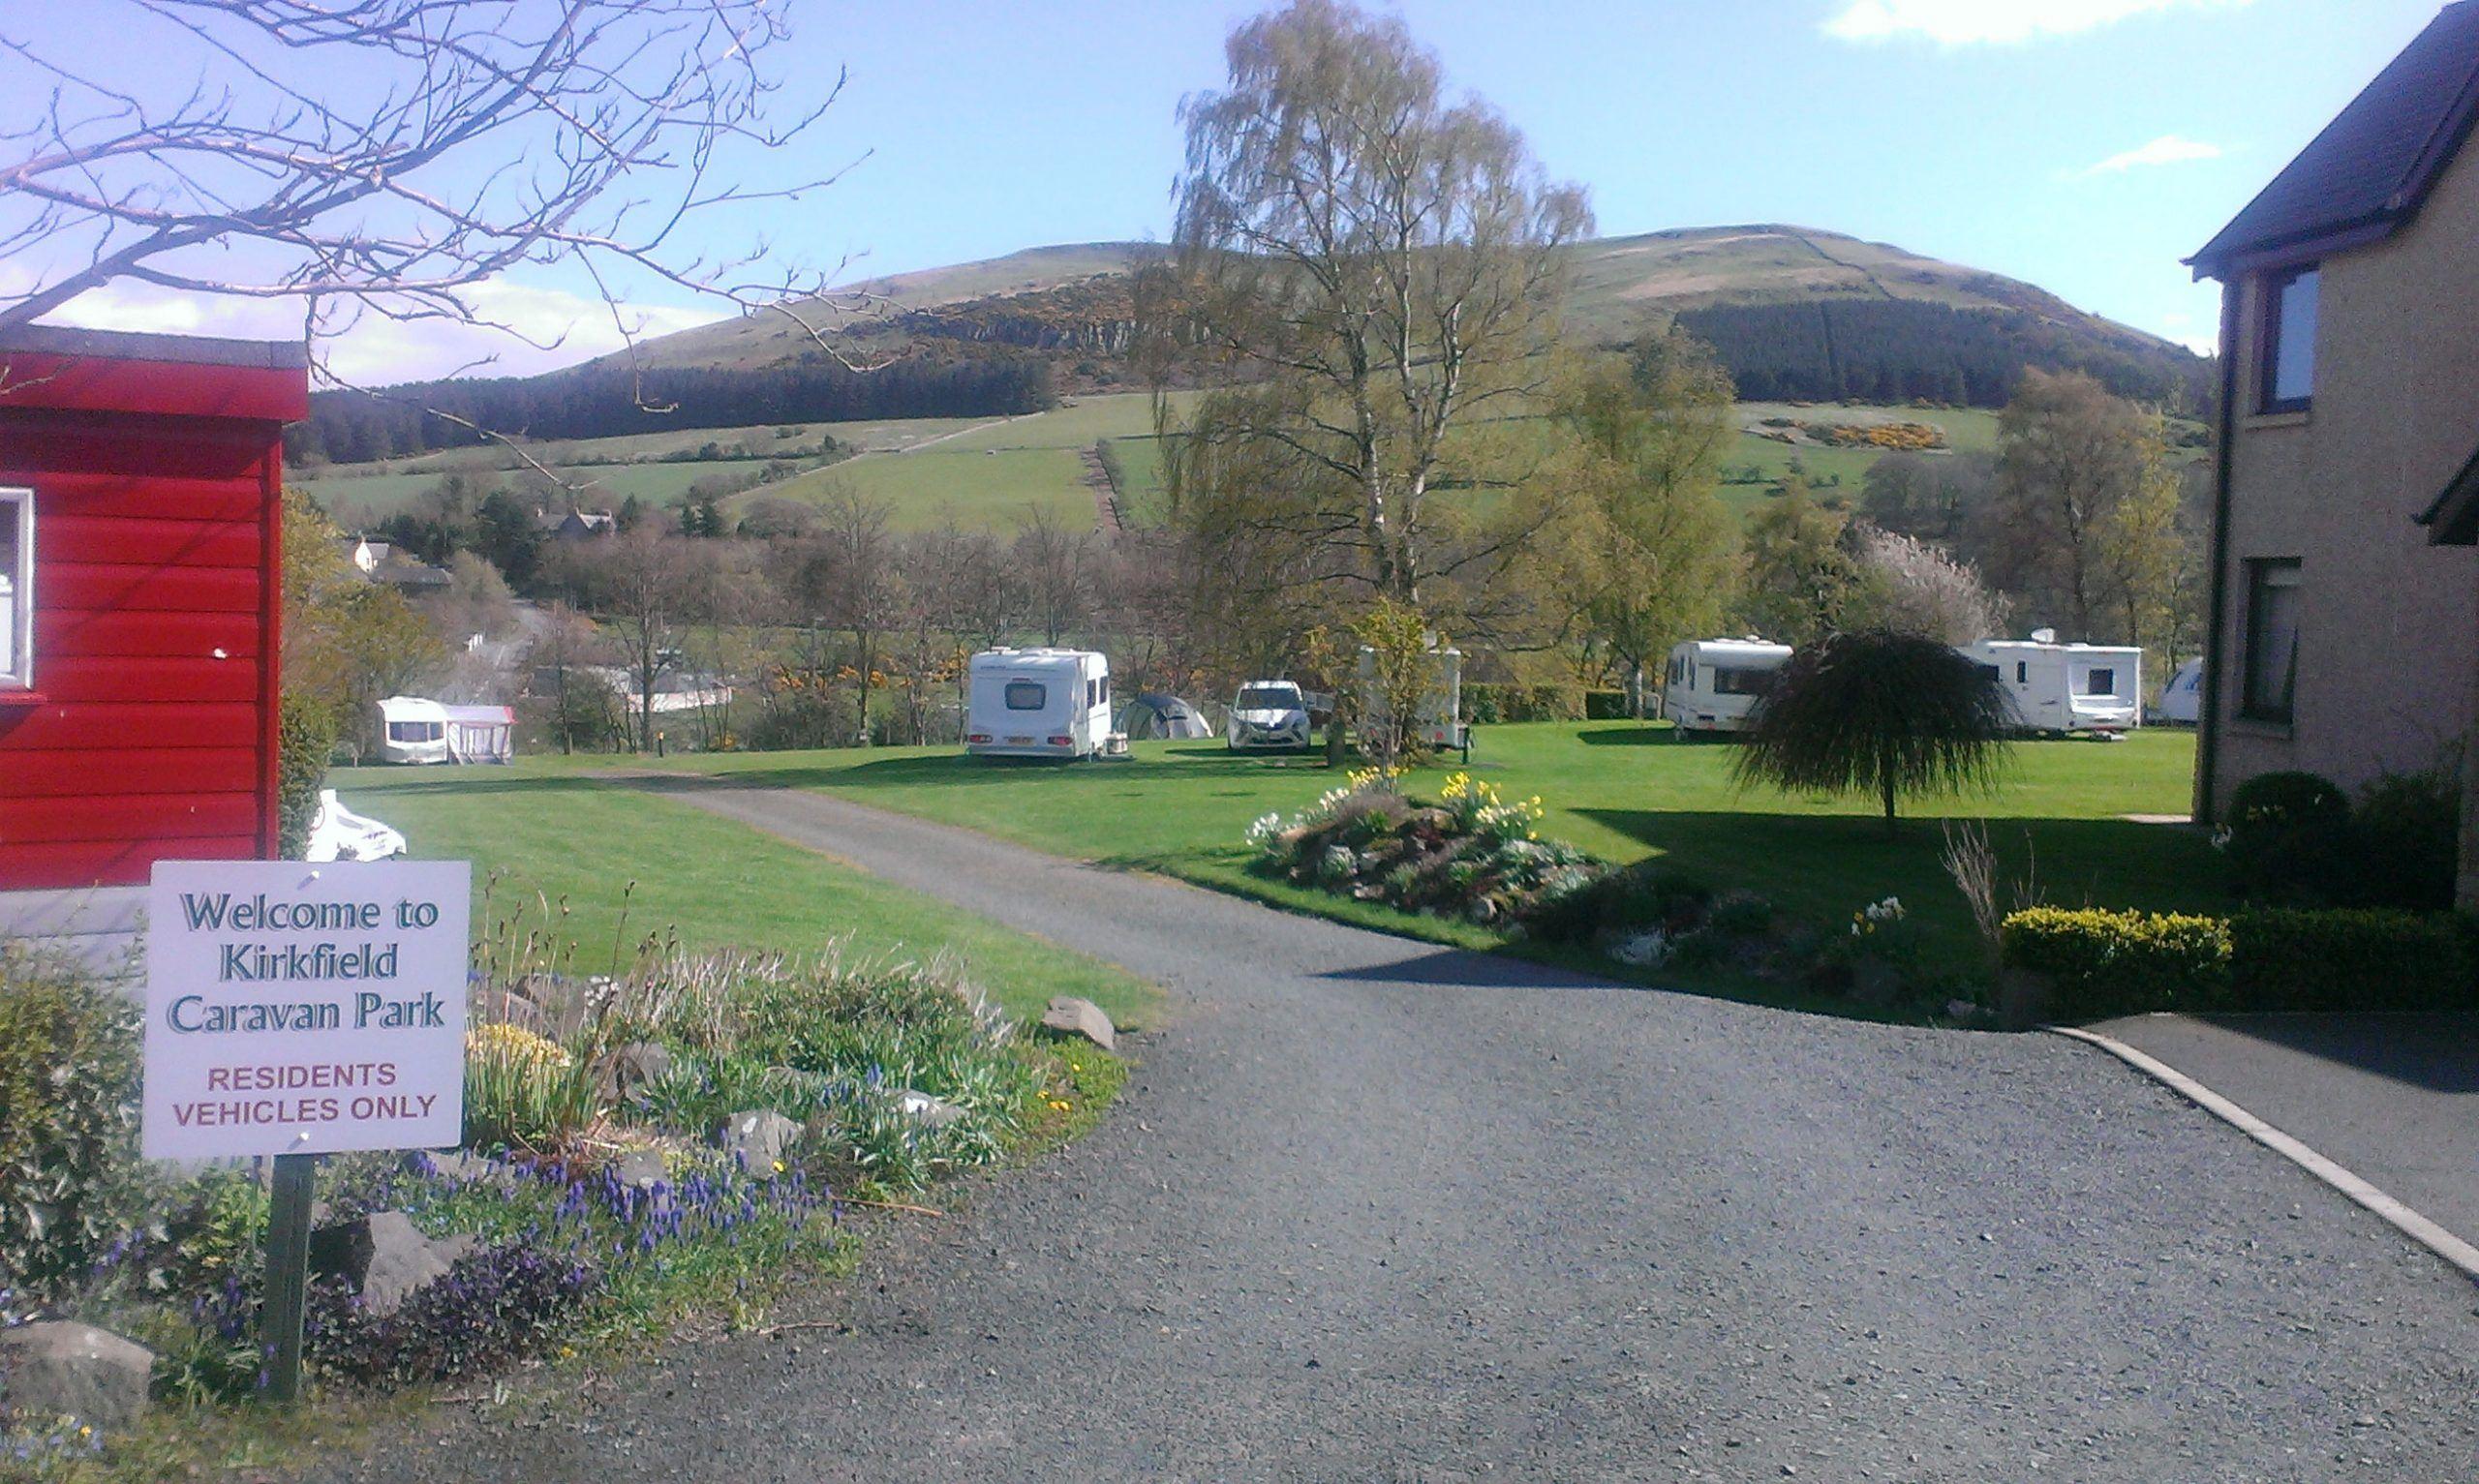 Kirkfield Caravan Park